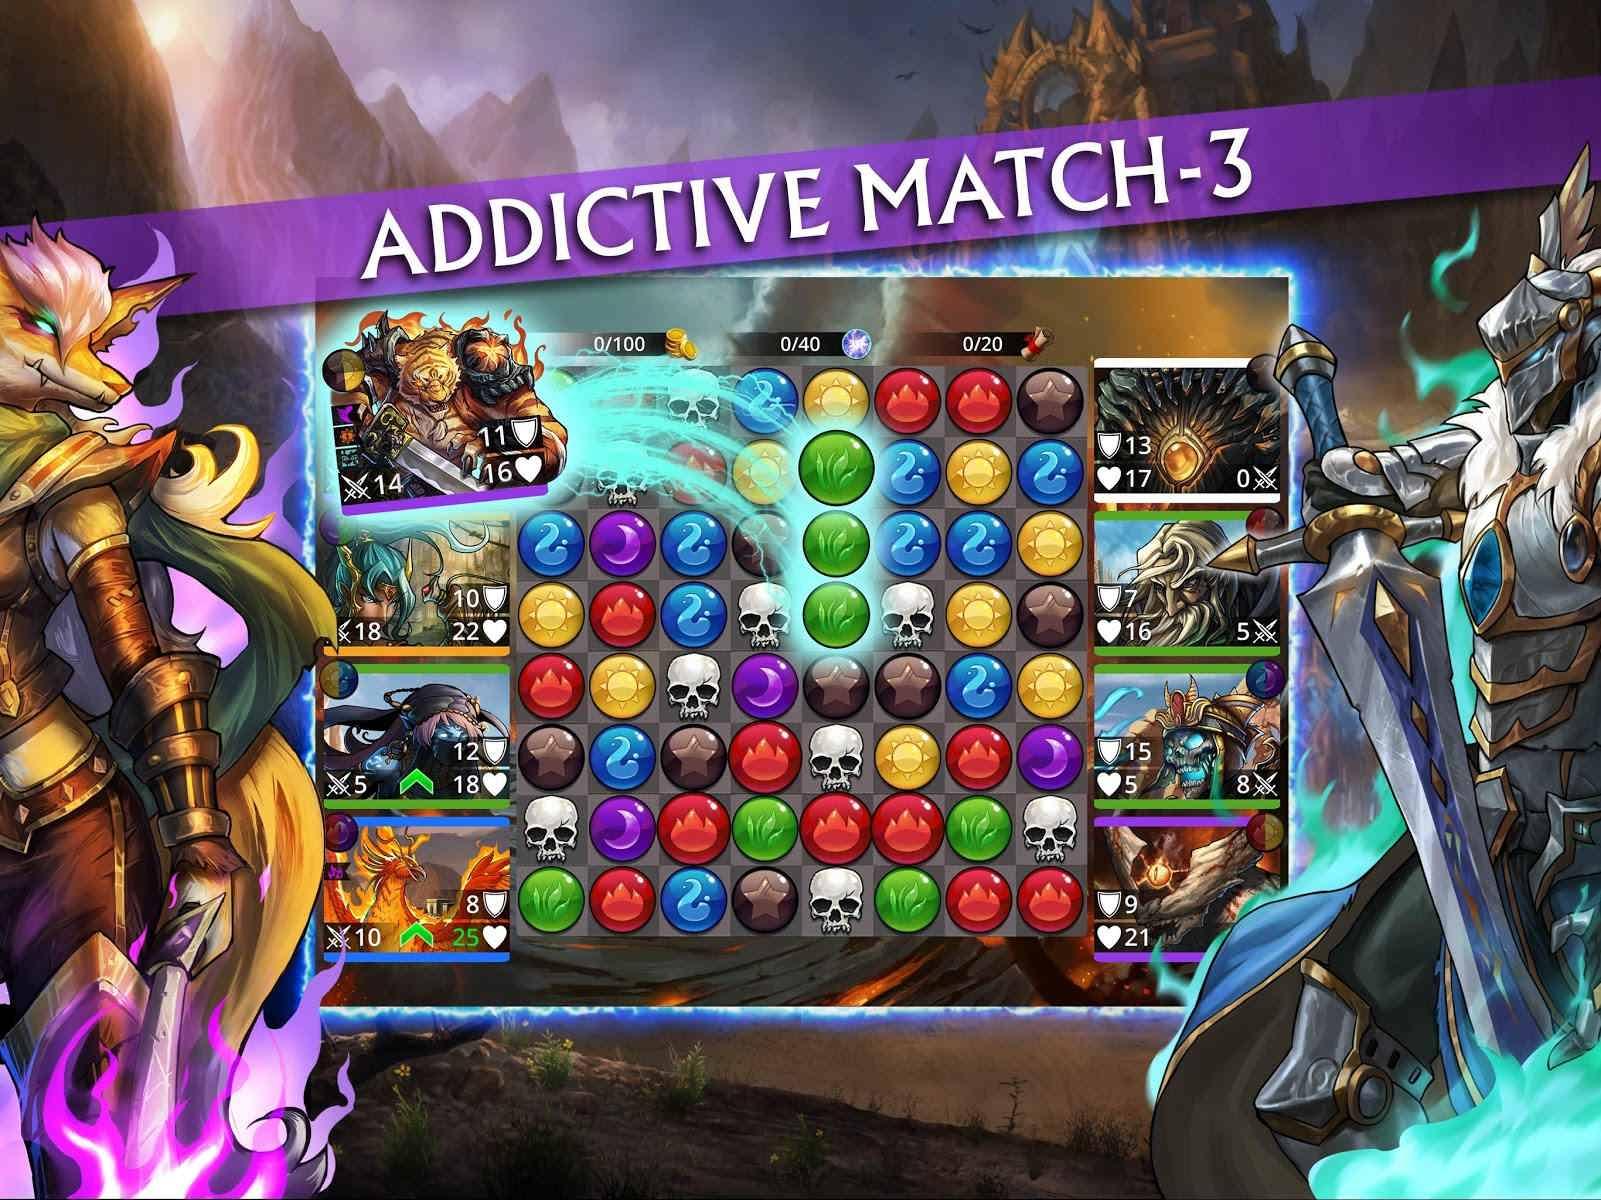 دانلود Gems of War – Match 3 RPG 5.3.5 – بازی پازلی حذف سنگها اندروید